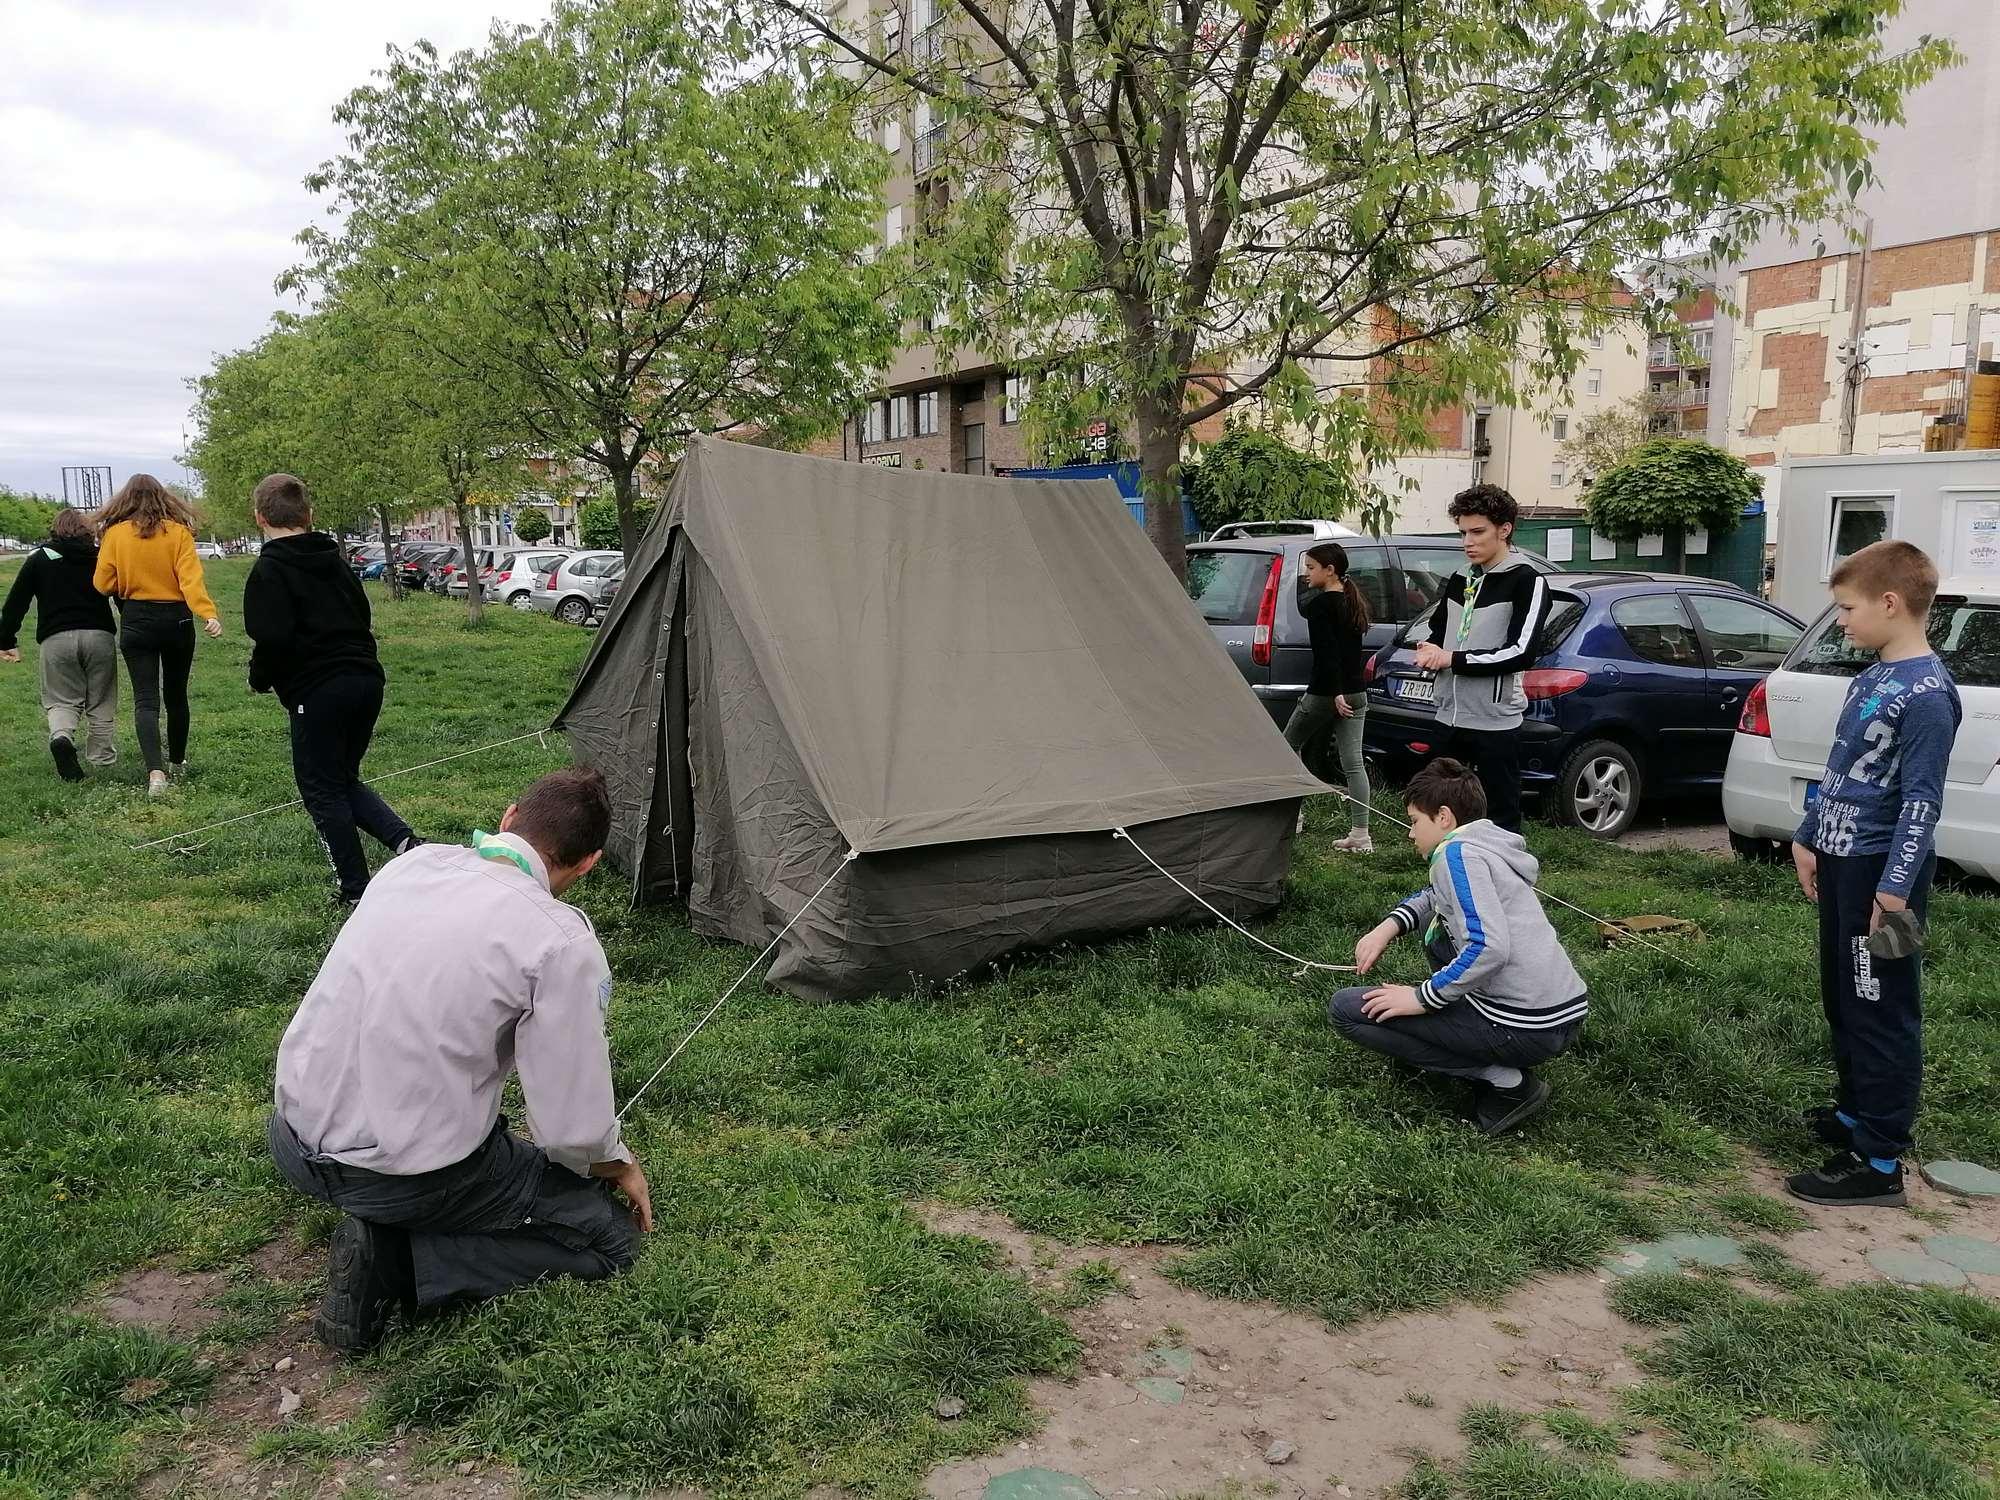 ПРОМОЦИЈА ИЗВИЂАЧА ПОВОДОМ 110 ГОДИНА ОД ЗАЧЕТКА ИЗВИЂАЧА У СРБИЈИ